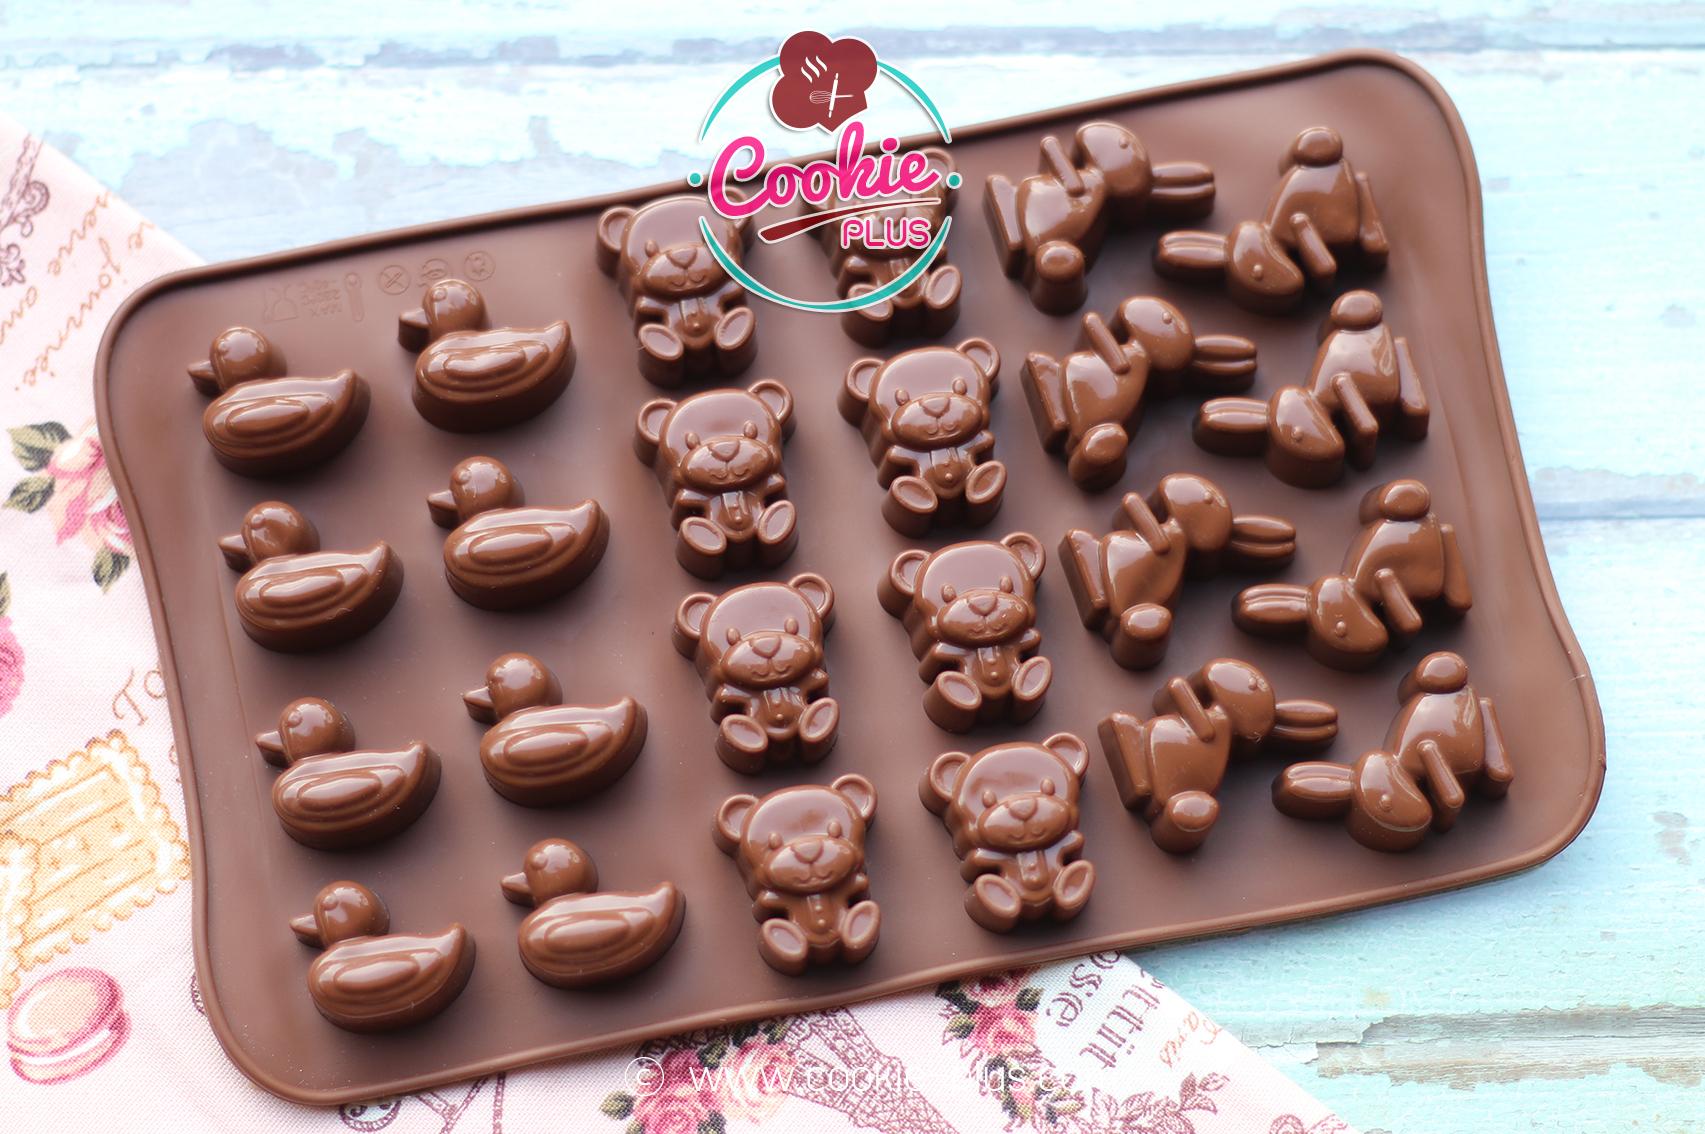 แม่พิมพ์ซิลิโคนทำขนม รวมลาย เป็ด หมี กระต่าย